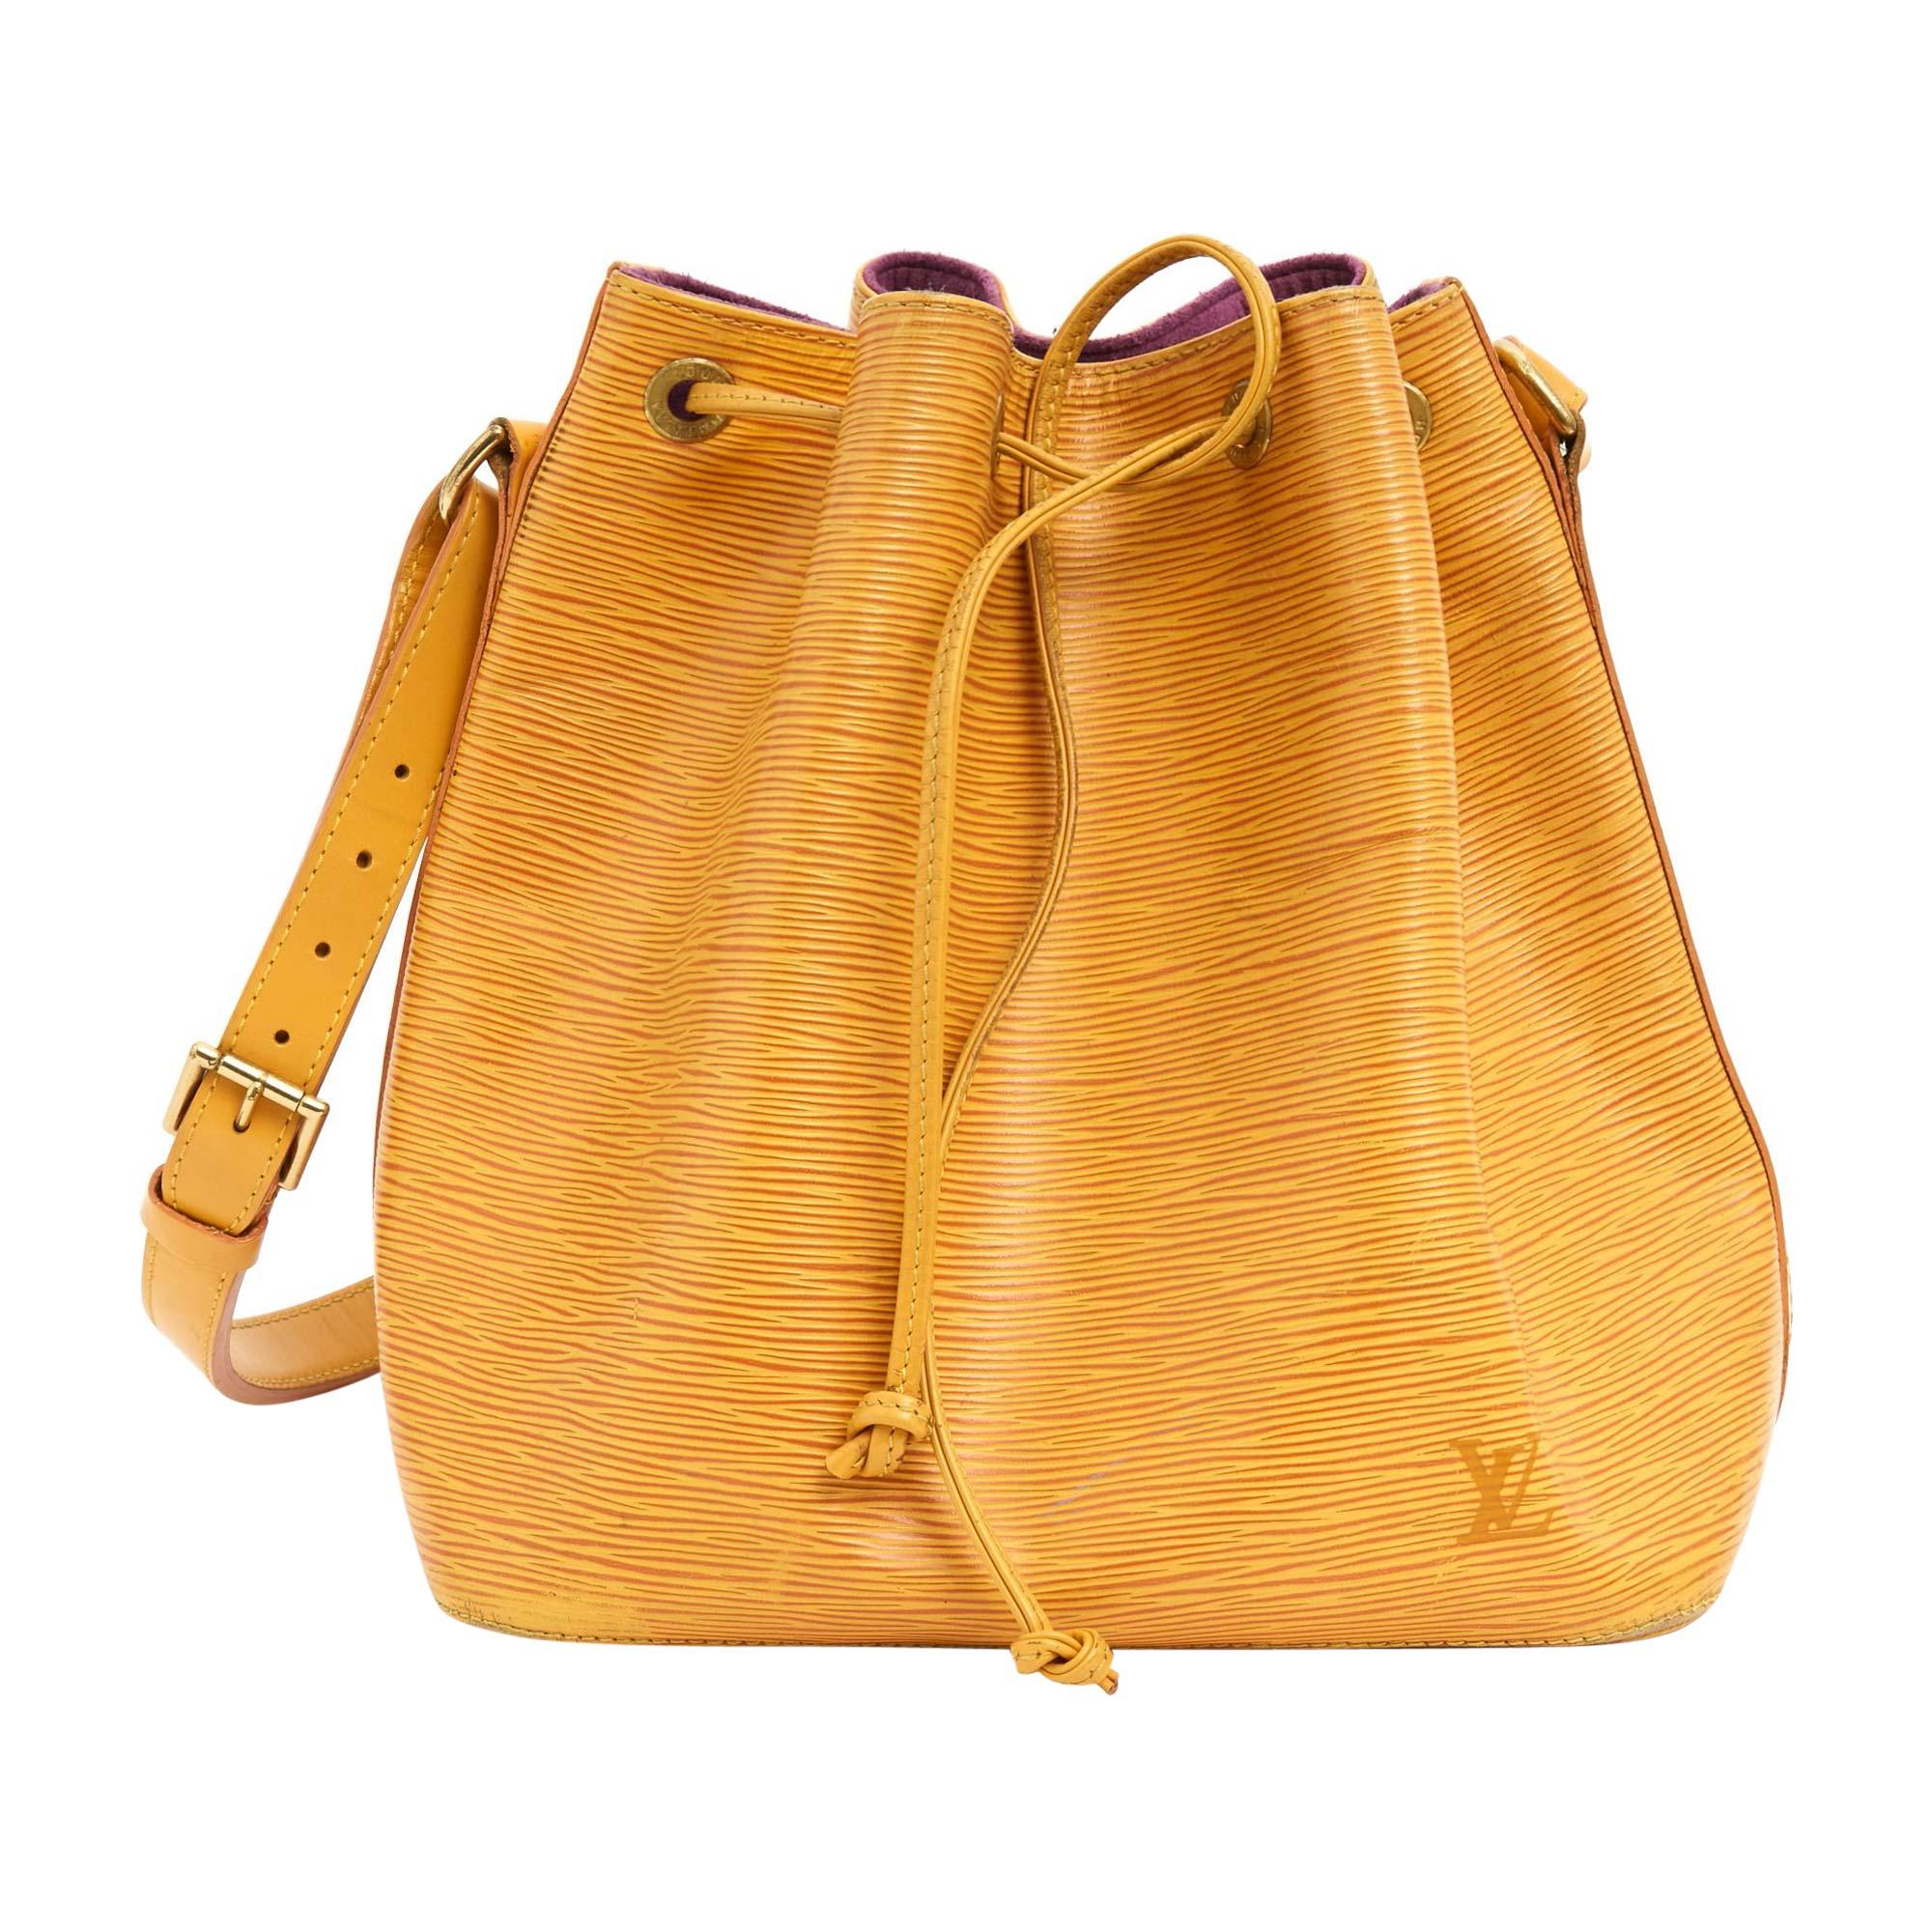 Sac en bandoulière en cuir LOUIS VUITTON no jaune - 7745729 e50eefdeaa1